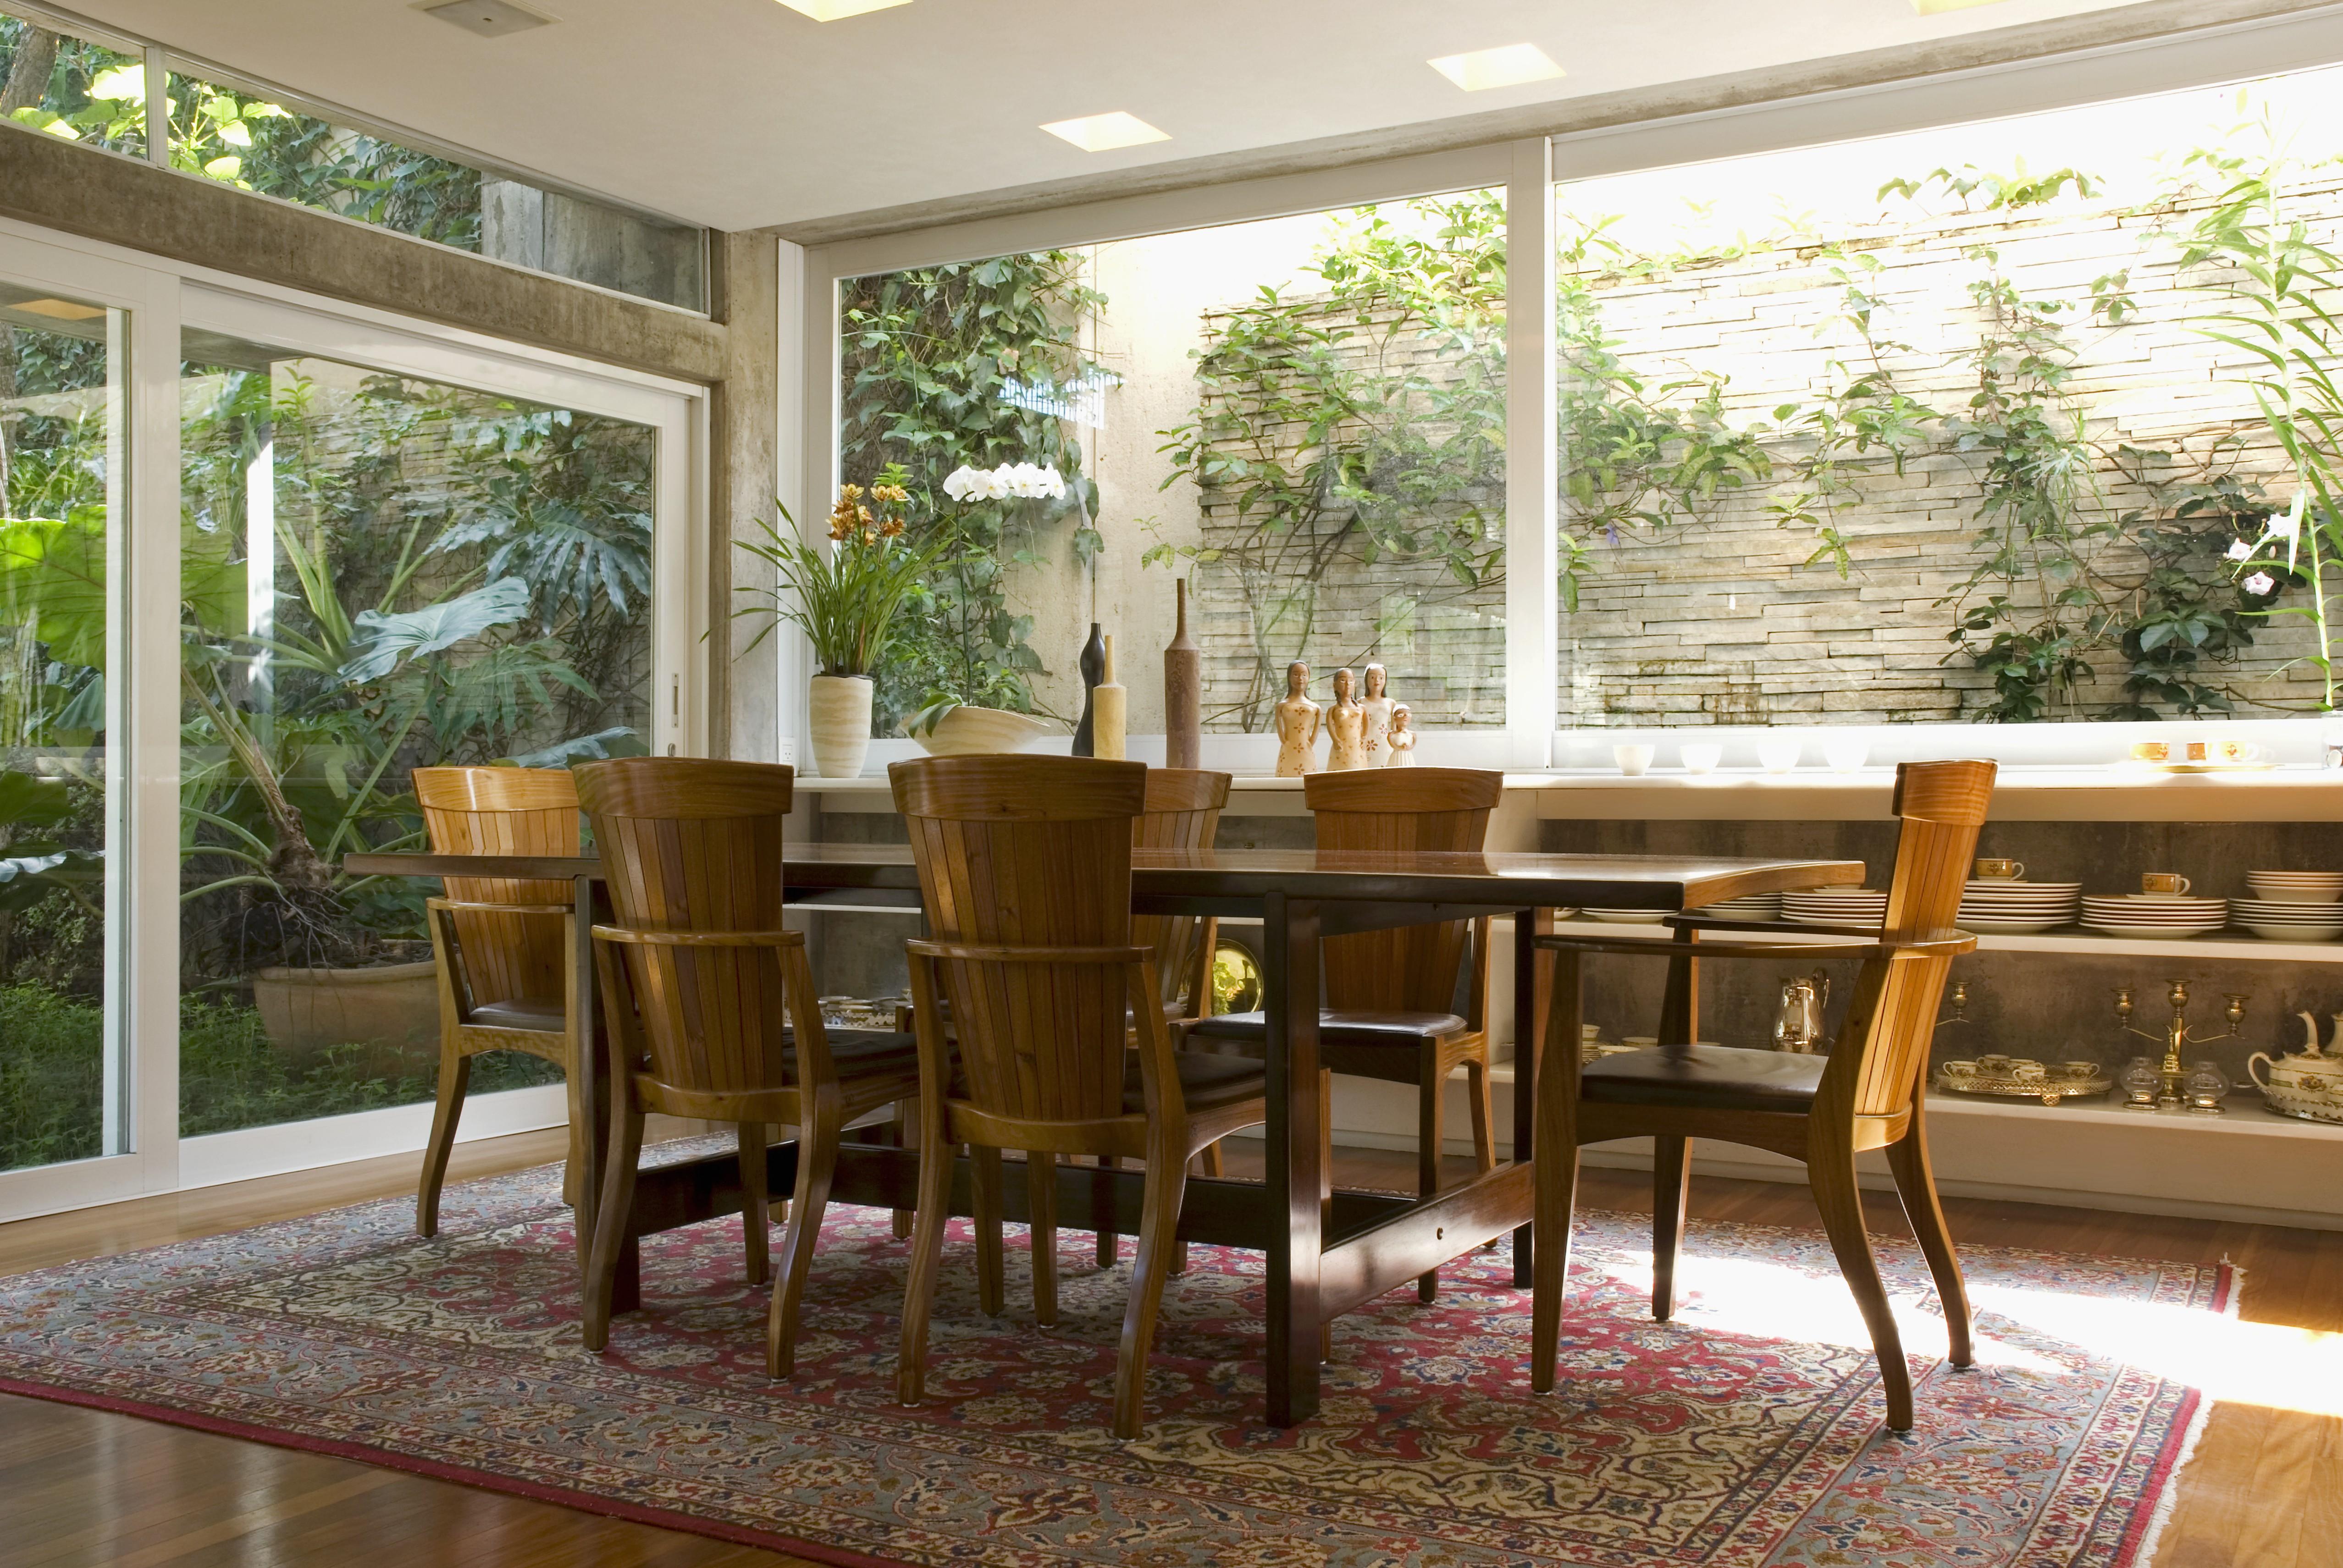 Comedores terraza 8862872 - urtk.info